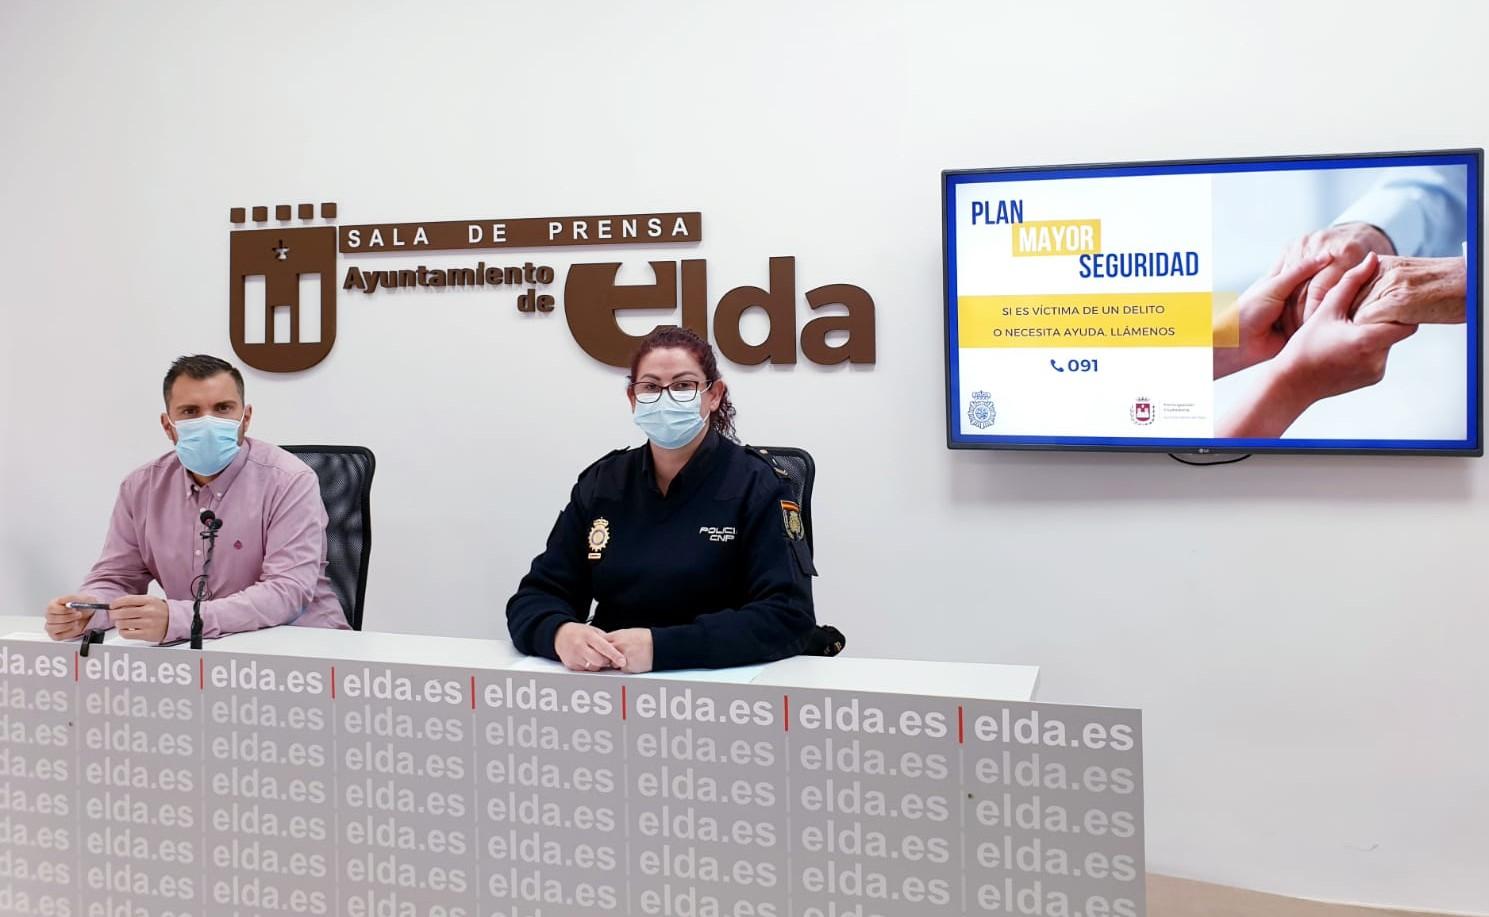 El Ayuntamiento de Elda y la Policía Nacional ponen en marcha una campaña para reforzar la seguridad de las personas mayores